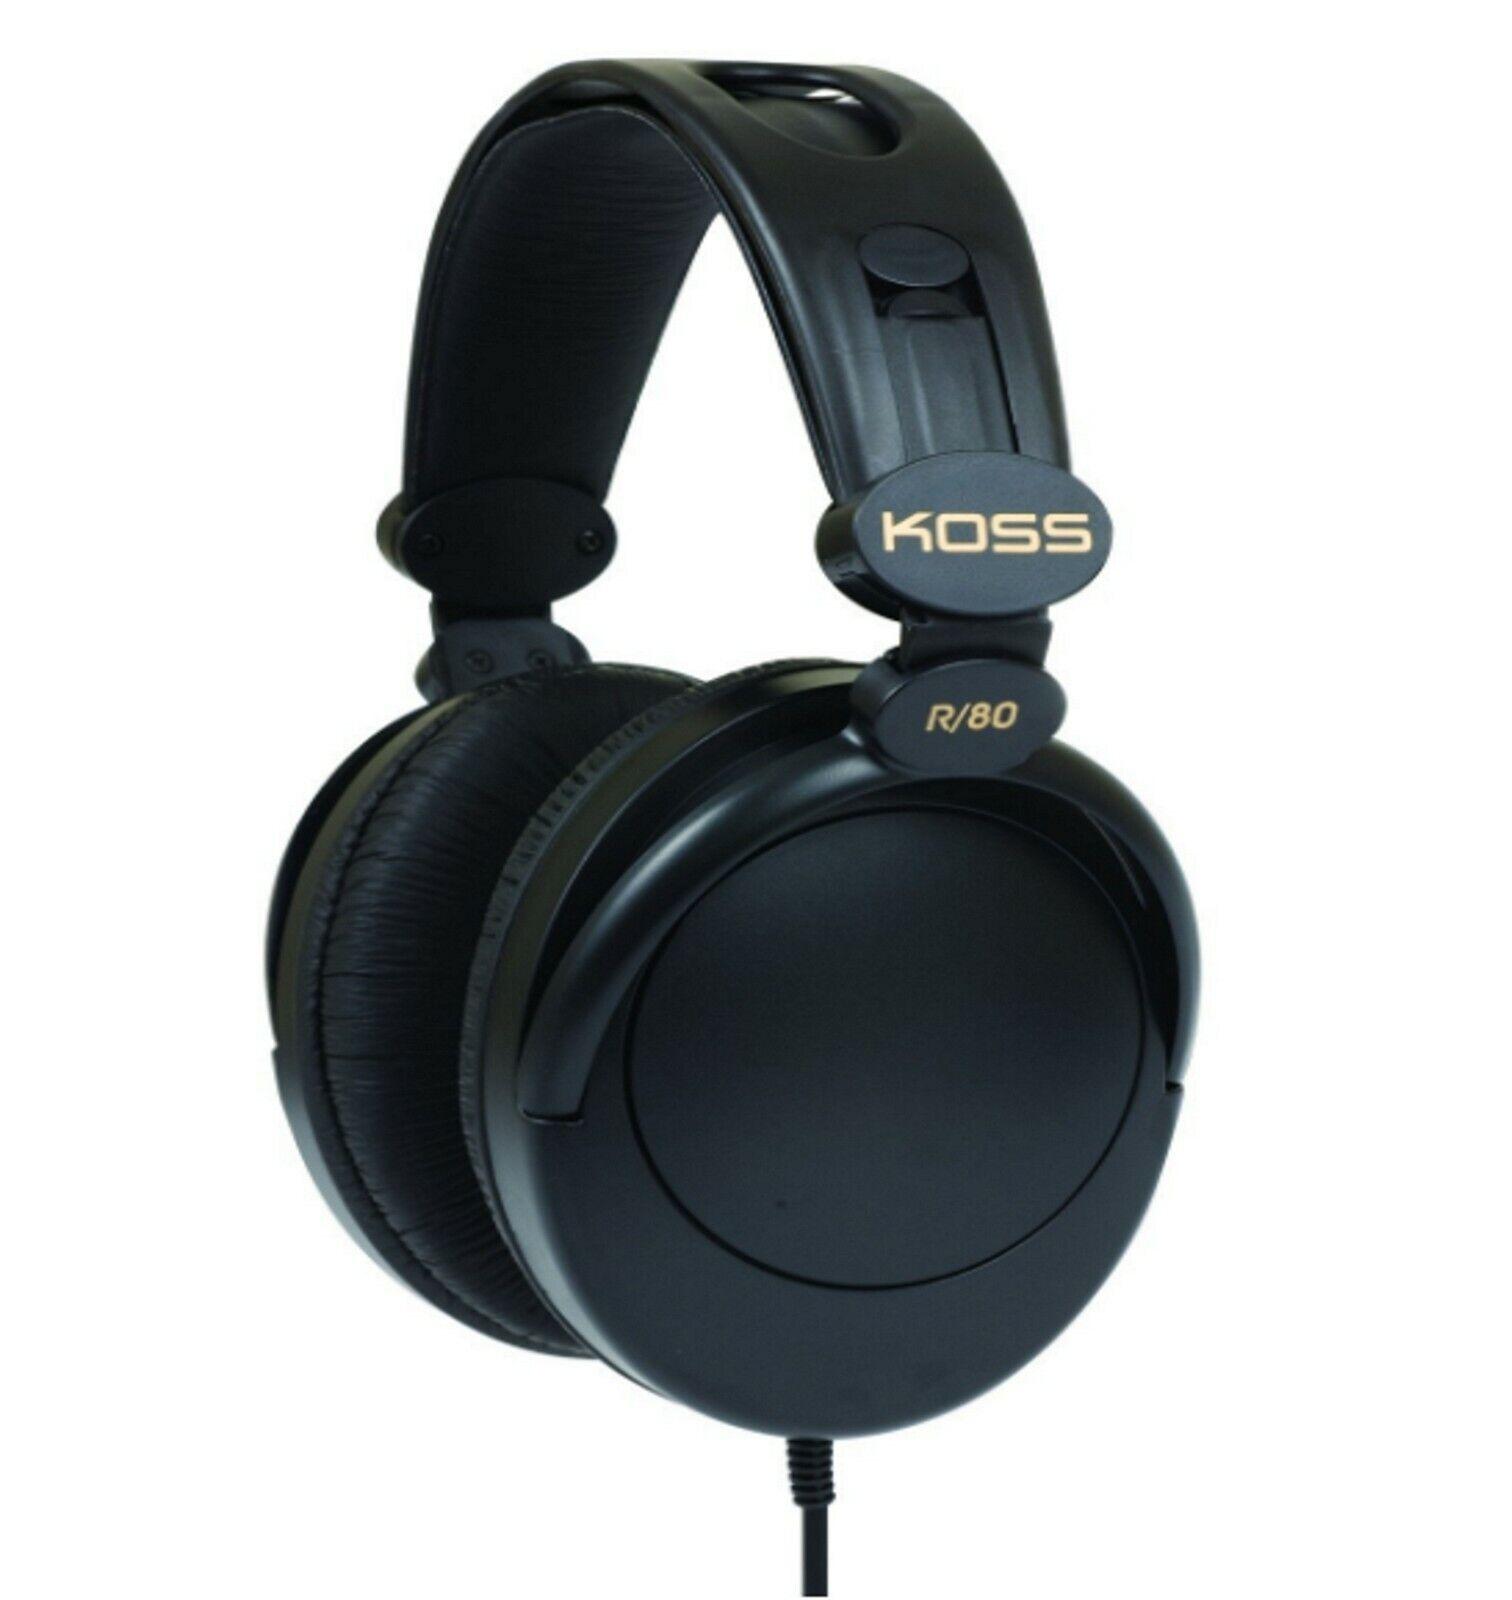 Koss R80 Over Ear Black  Headphones noise isolating Stereophone